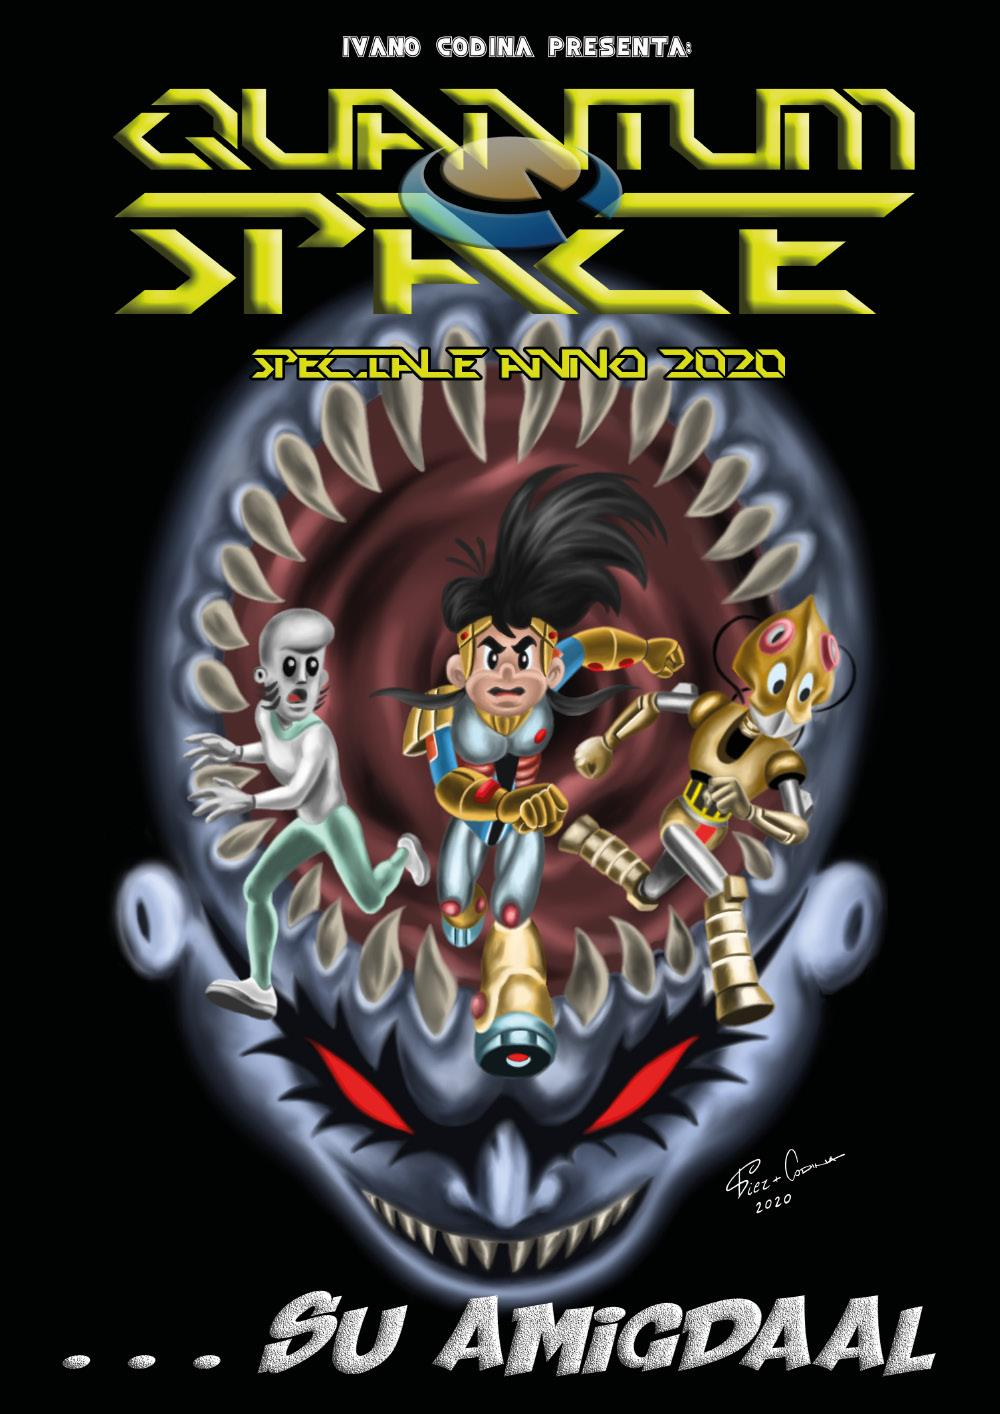 Quantum Space Speciale anno 2020